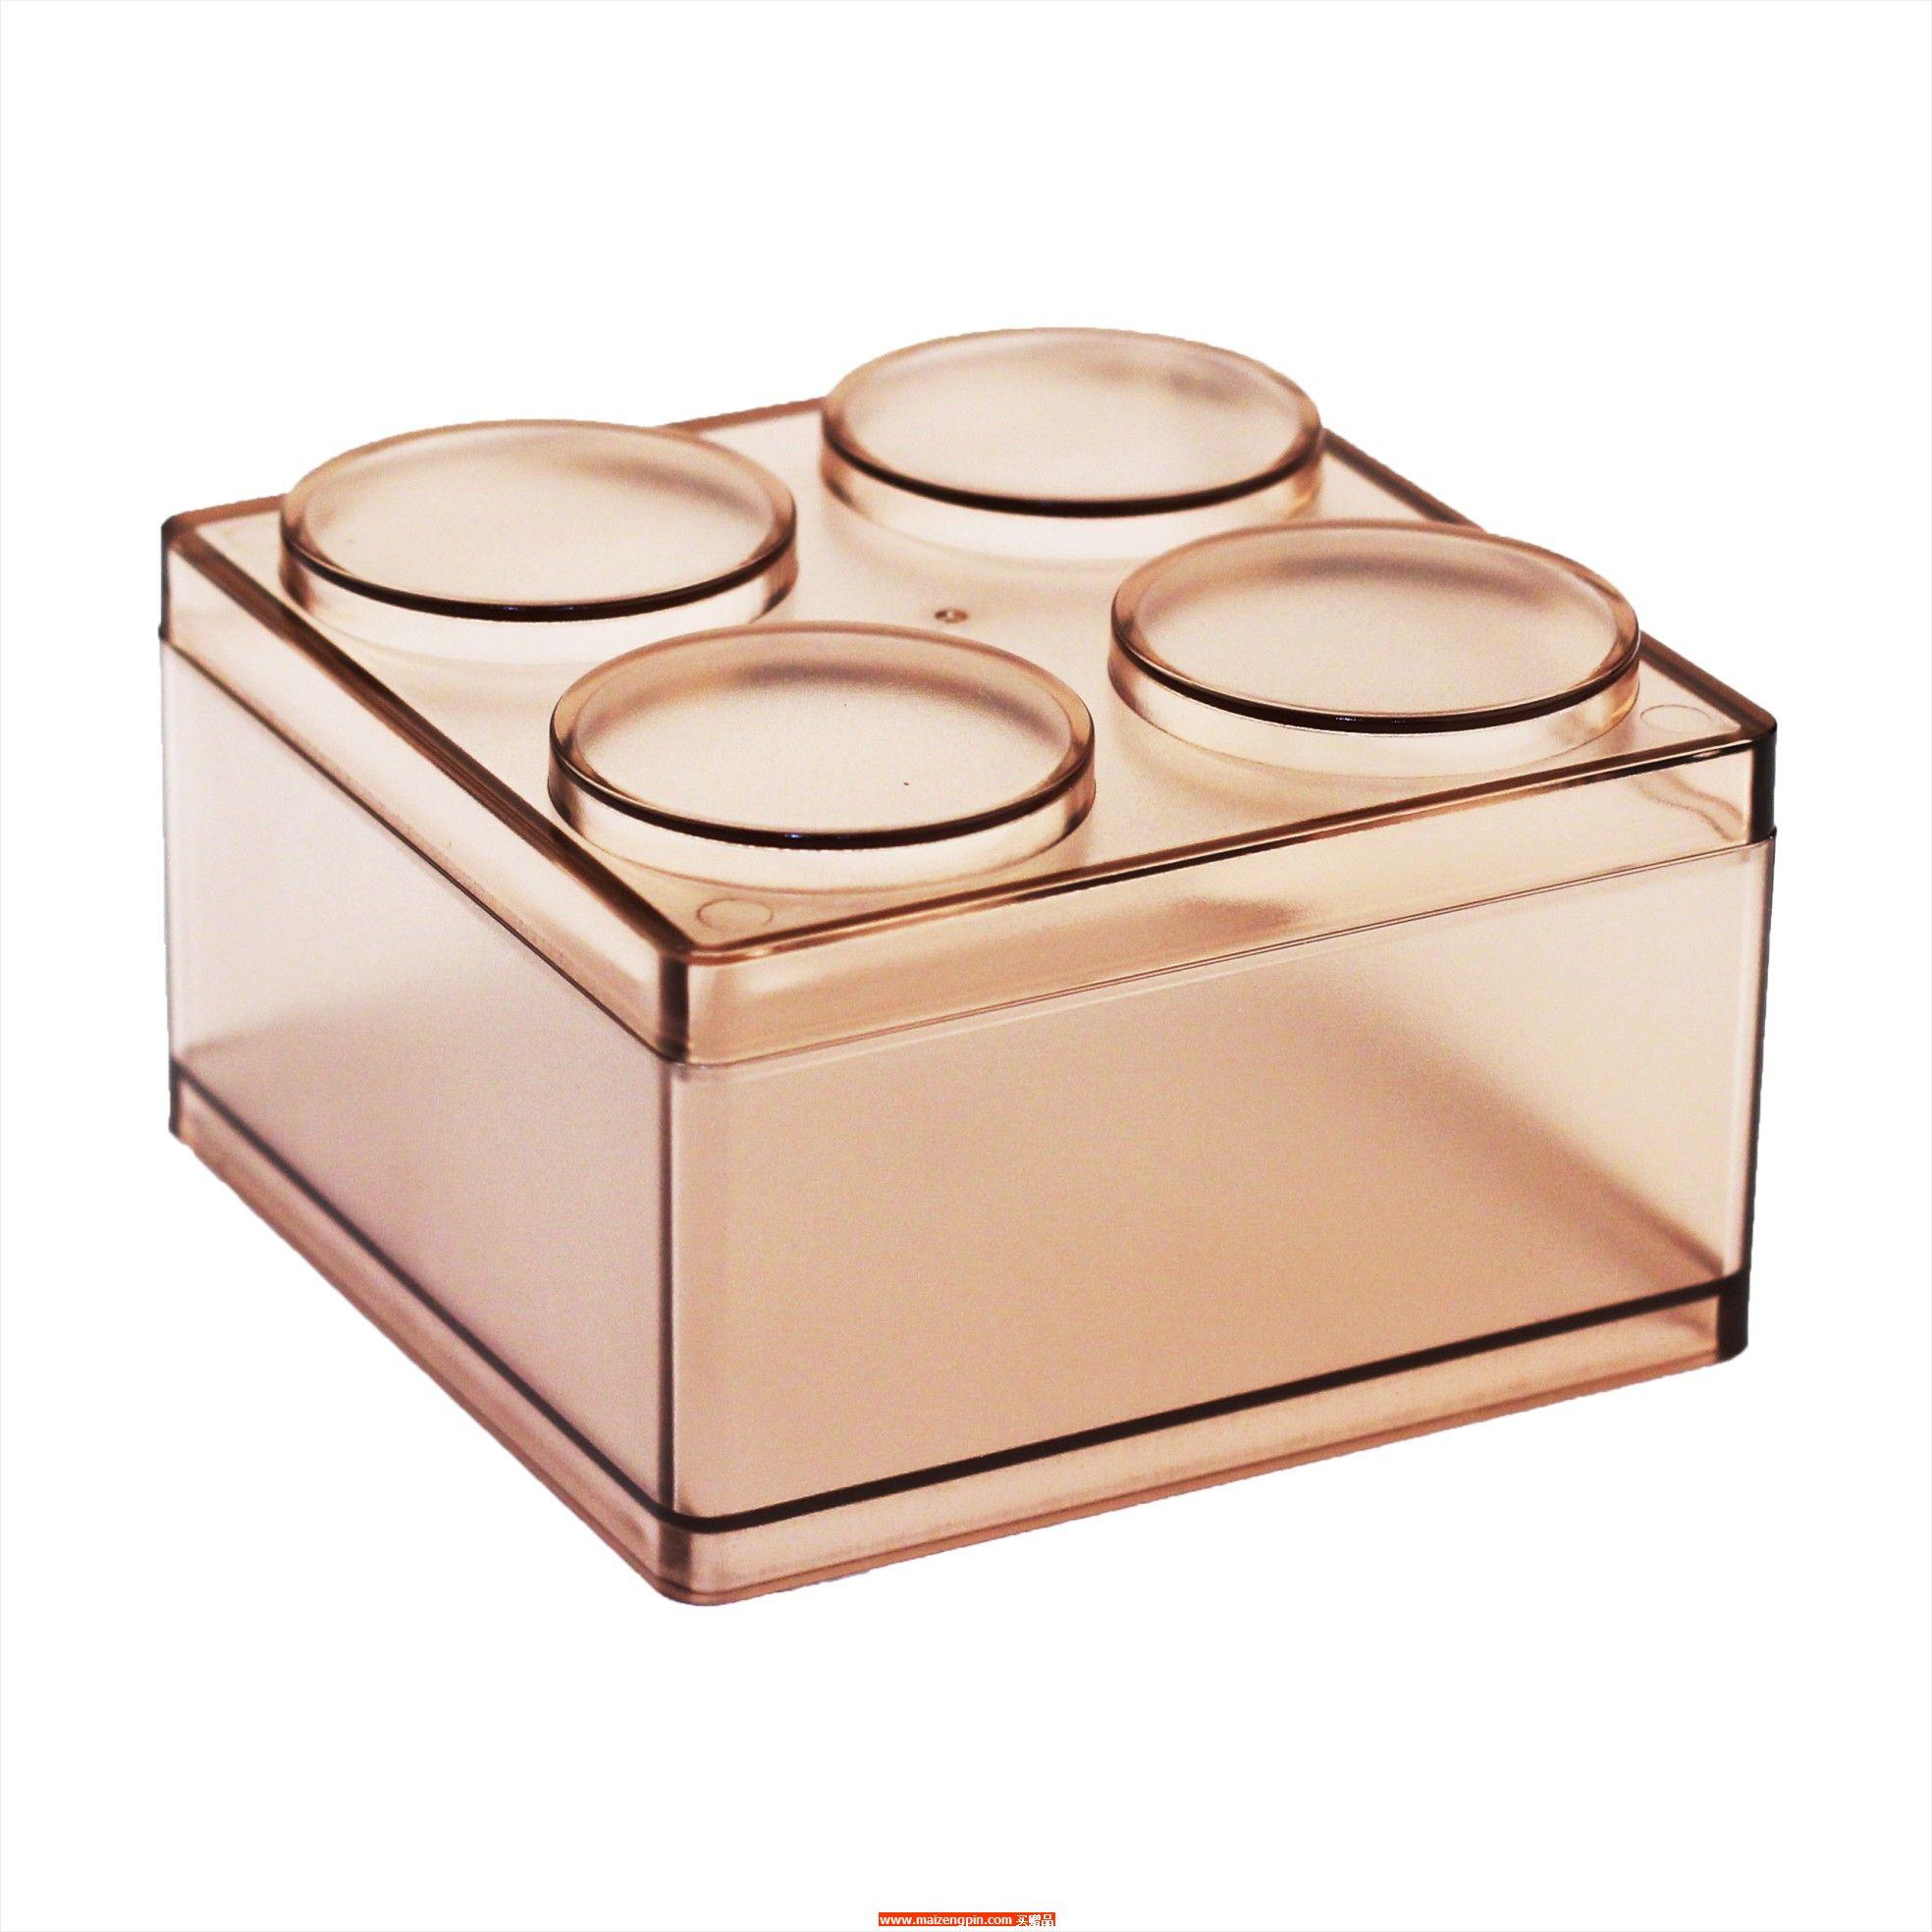 占西礼品SD系列赠品9035组合储物盒